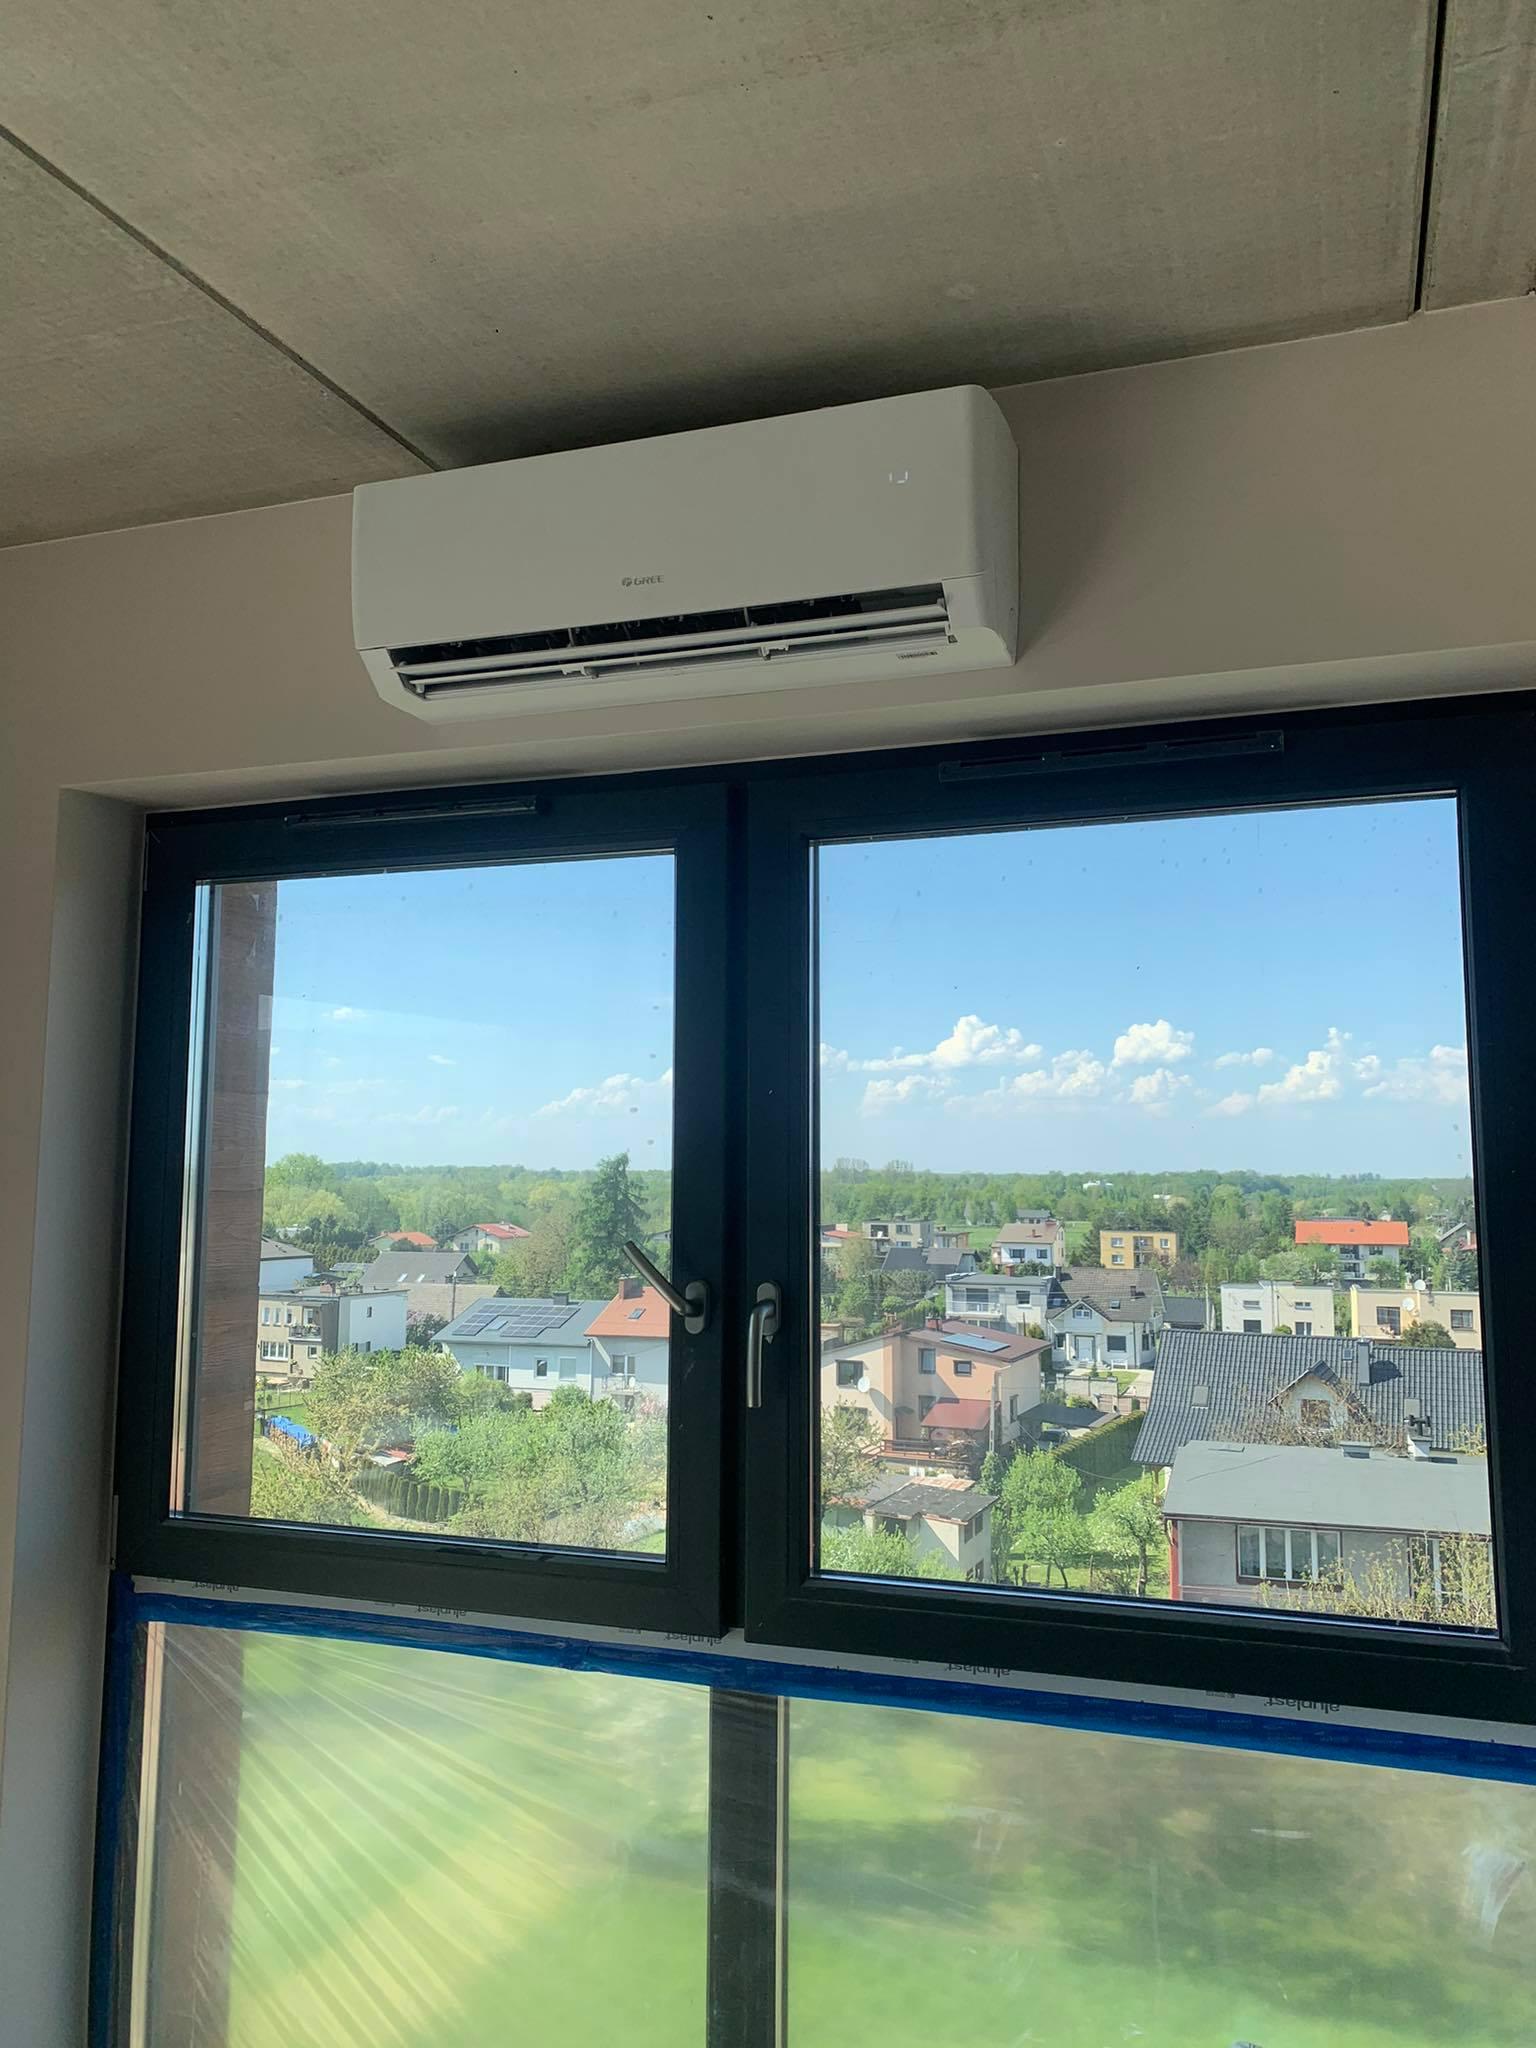 montaż klimatyzacji w bloku